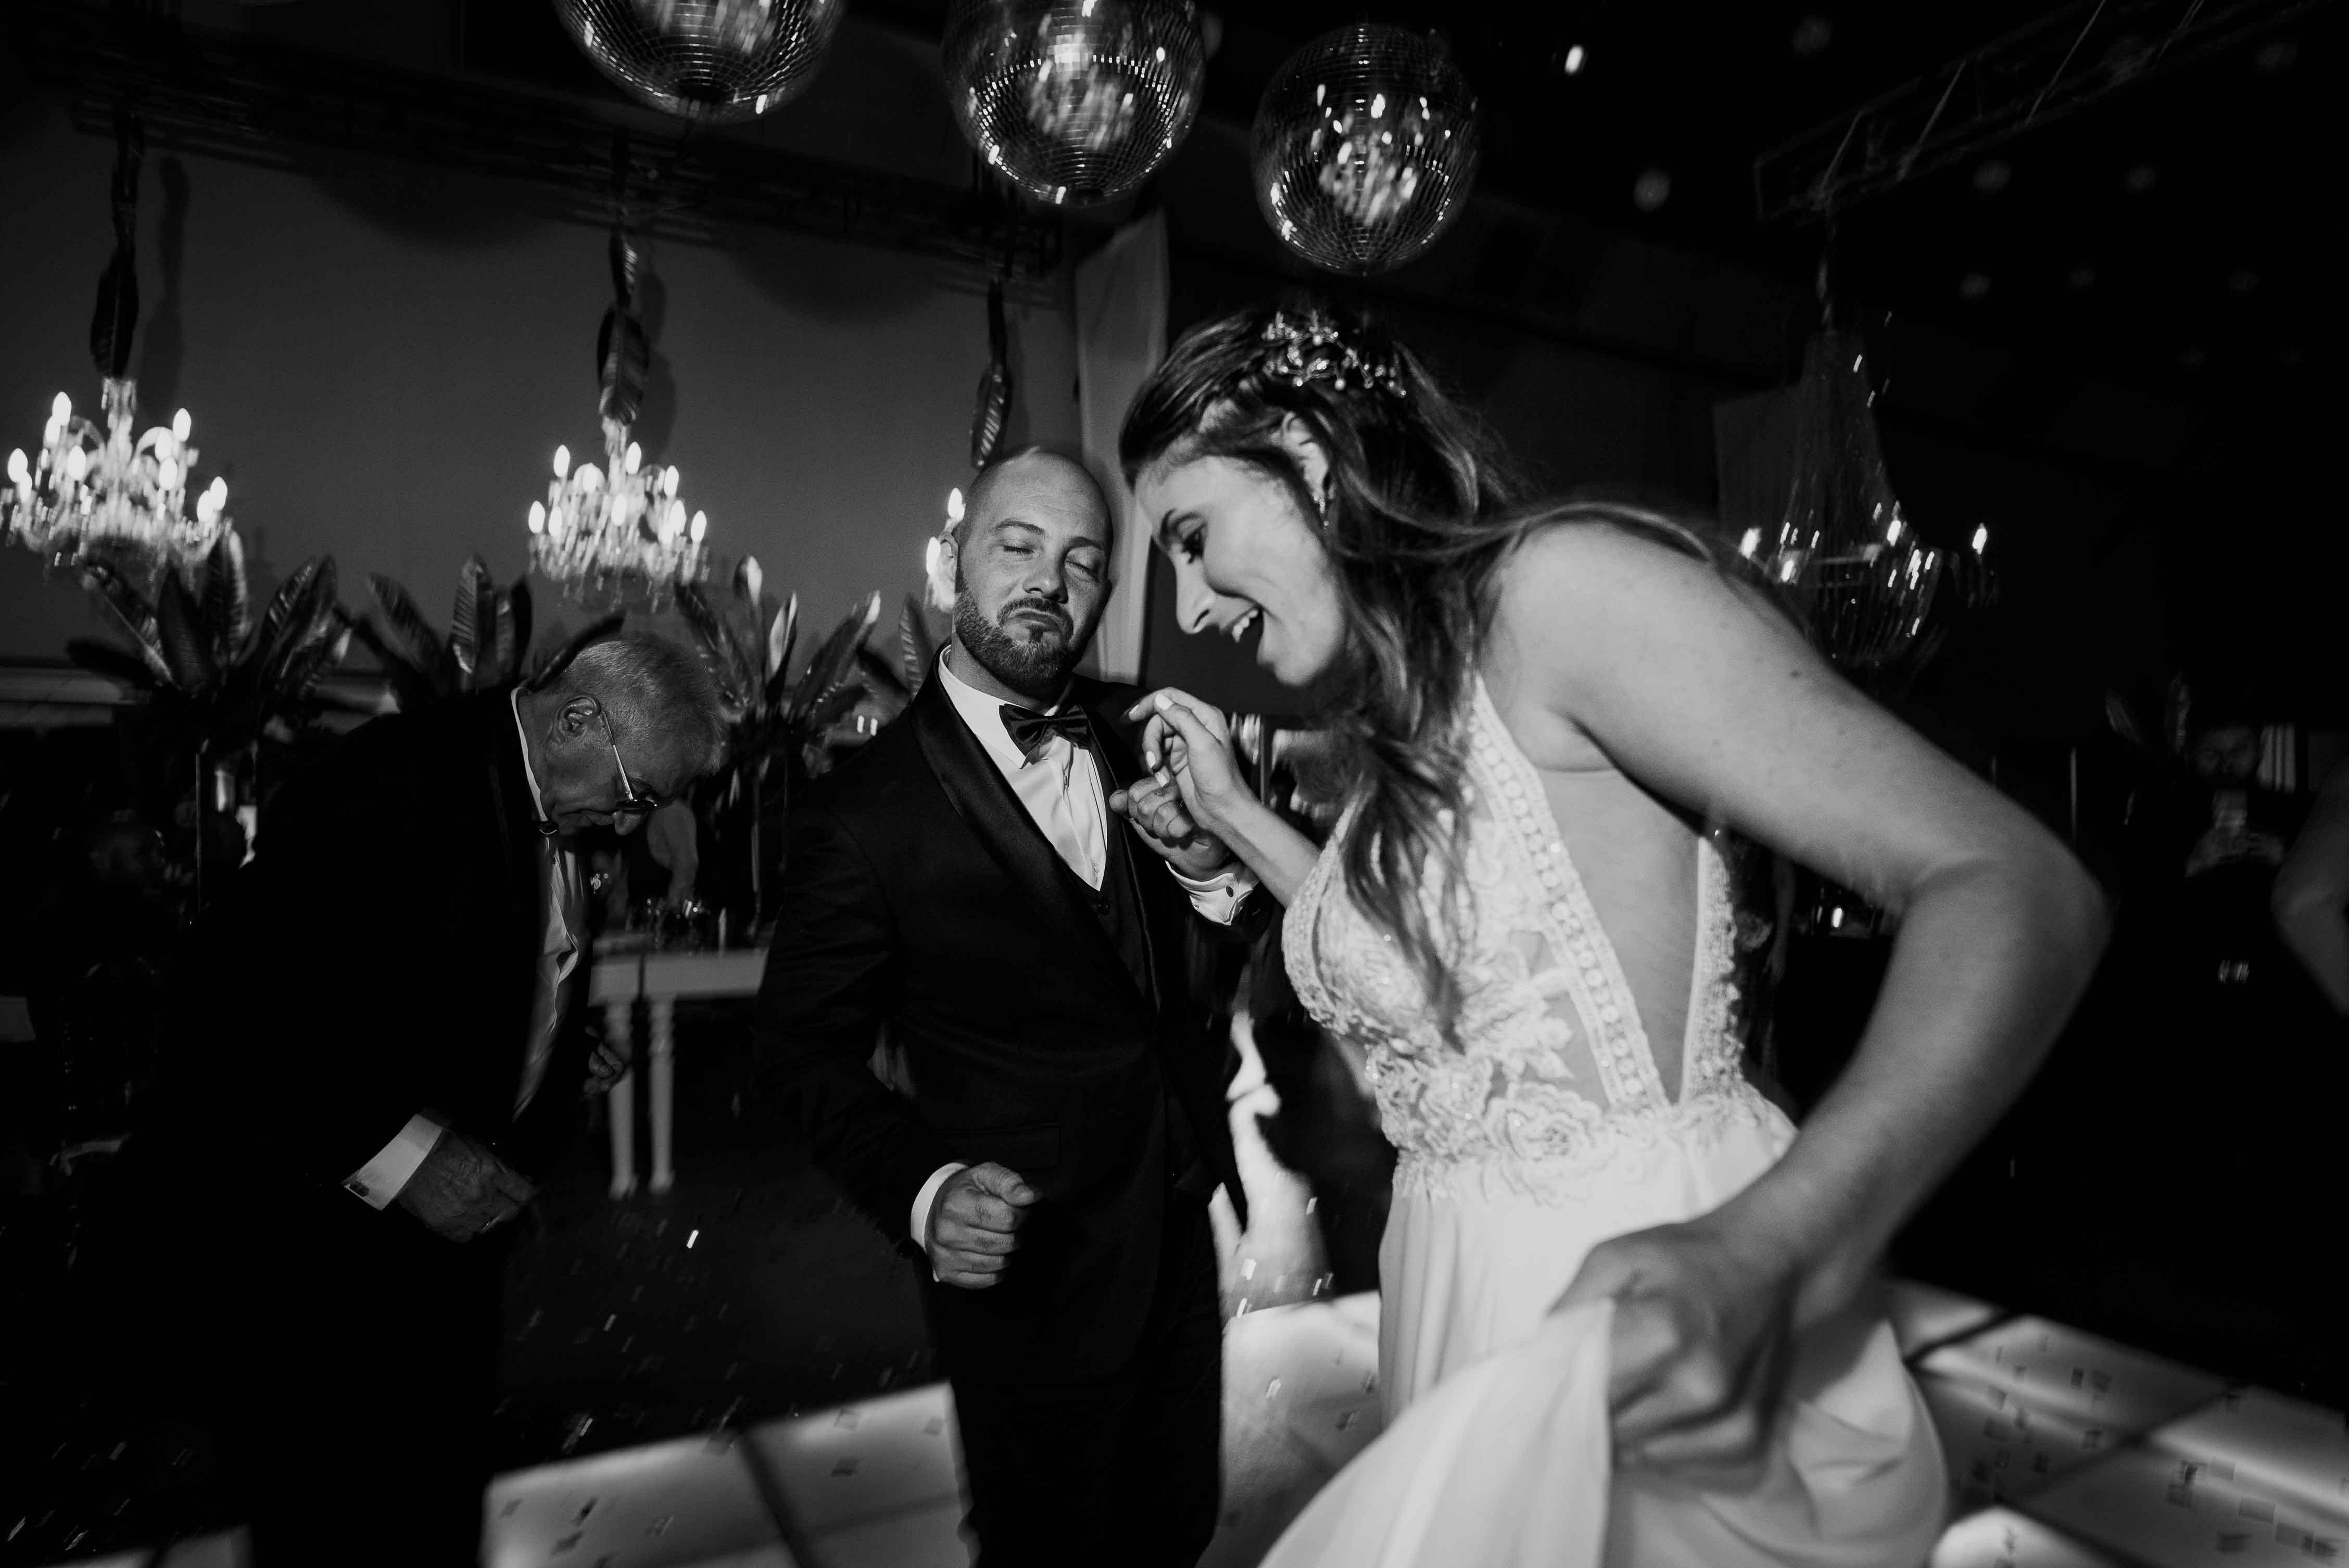 Fotos de la boda de Yoa y Roli en Rosario realizadas por Bucle Fotografias Flor Bosio y Caro Clerici